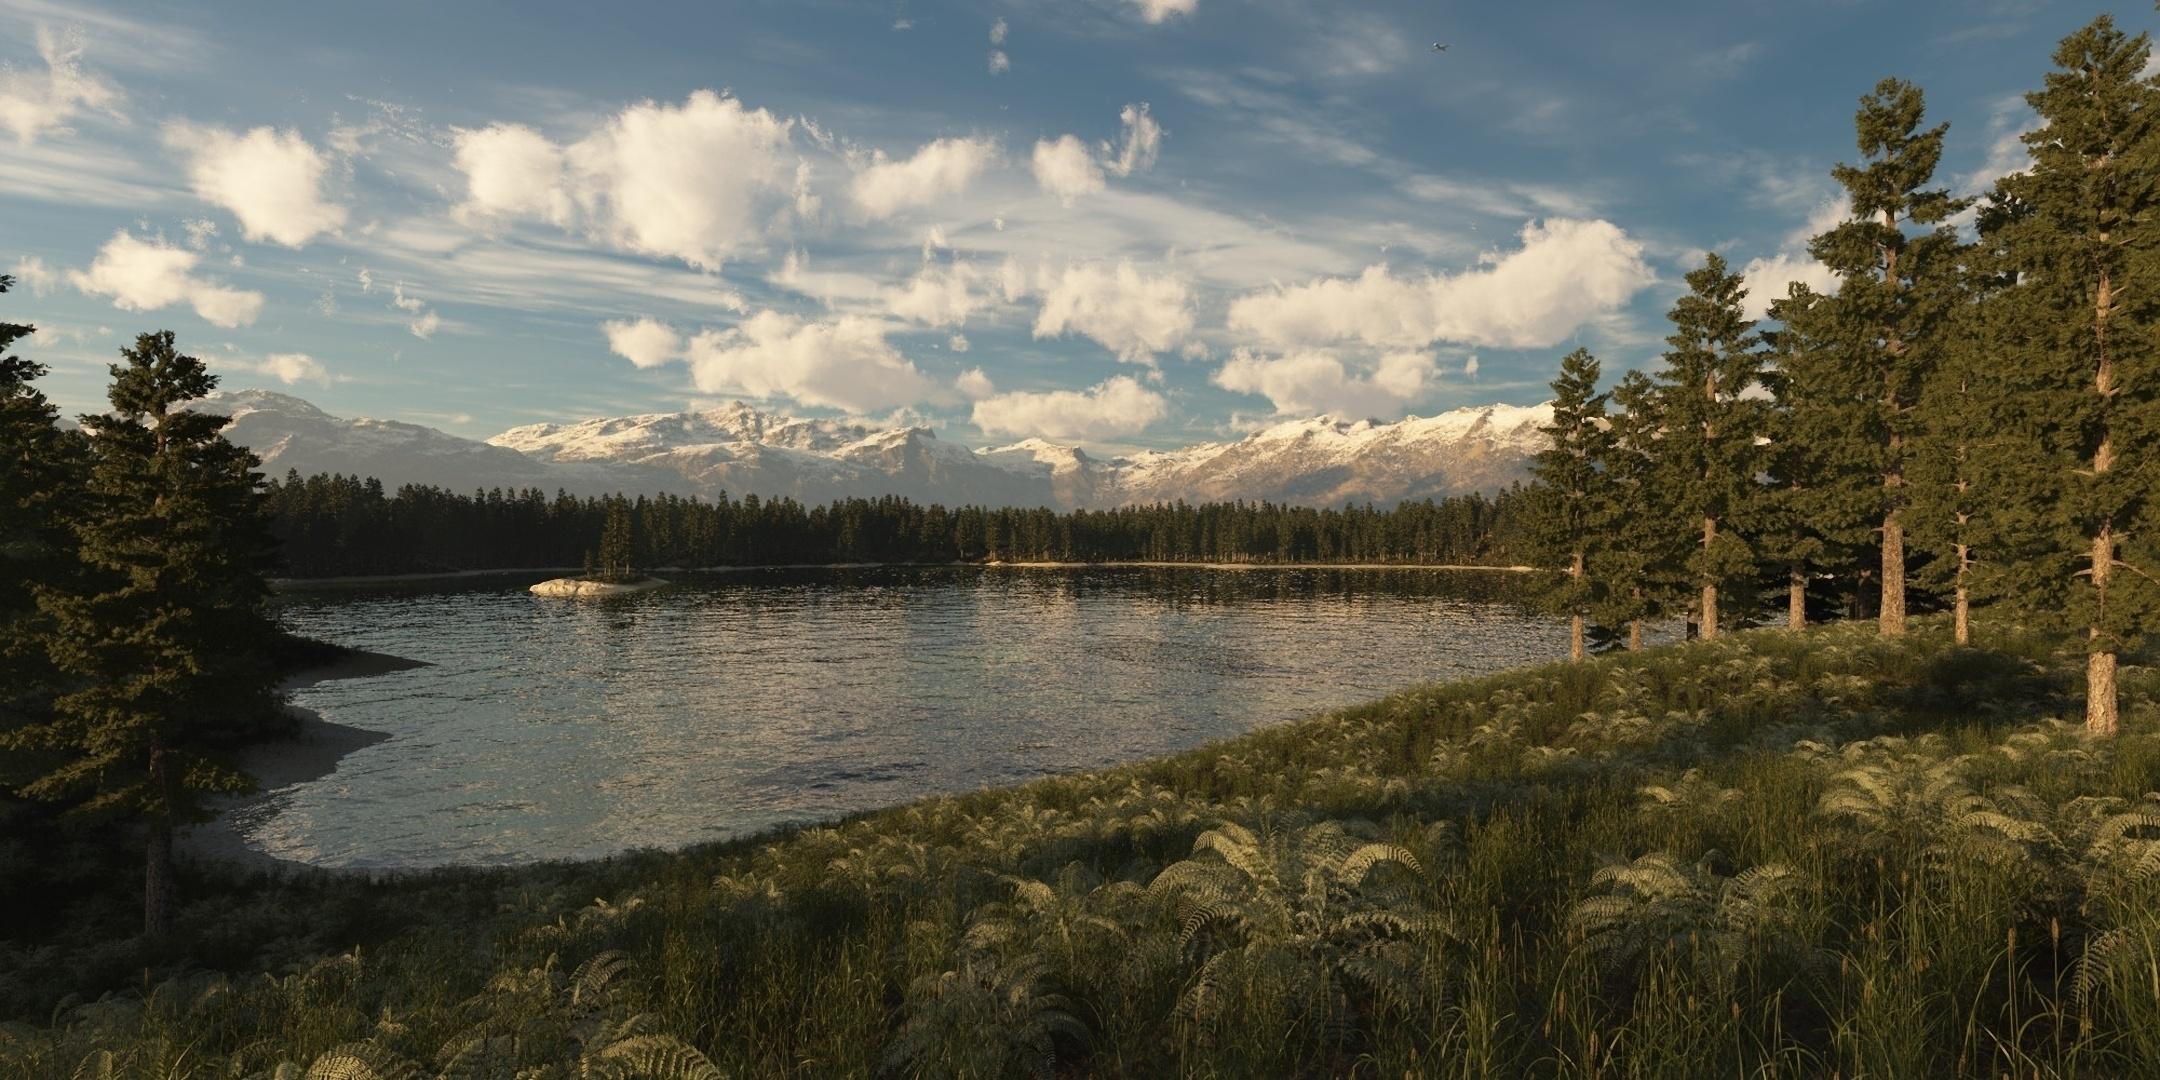 102601 Hintergrundbild 240x400 kostenlos auf deinem Handy, lade Bilder Natur, Grass, Sky, See 240x400 auf dein Handy herunter